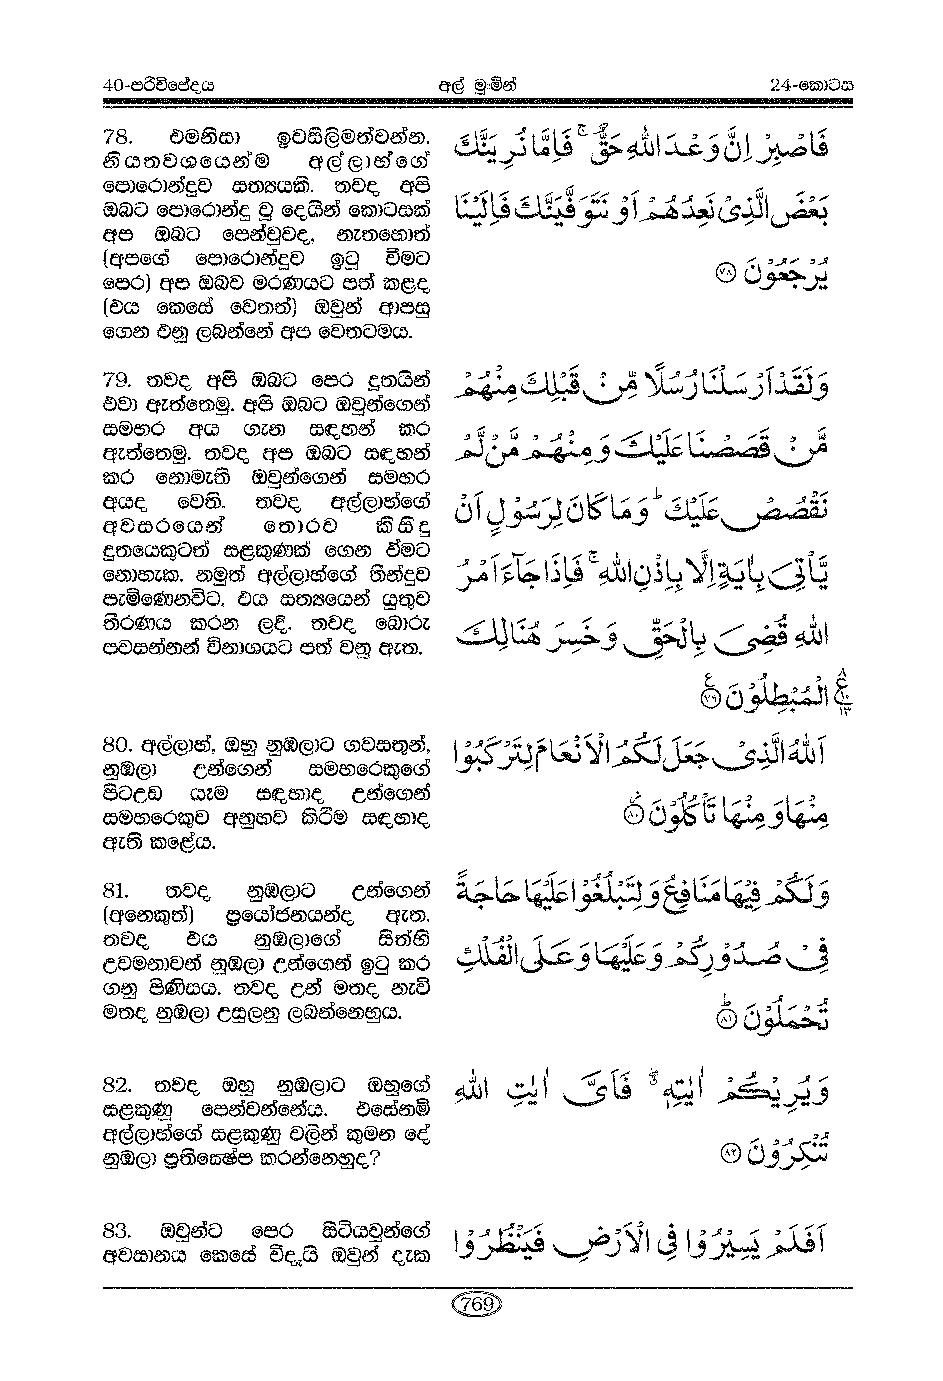 PDF: /quran/Holy-Quran-Sinhala pdf : 776